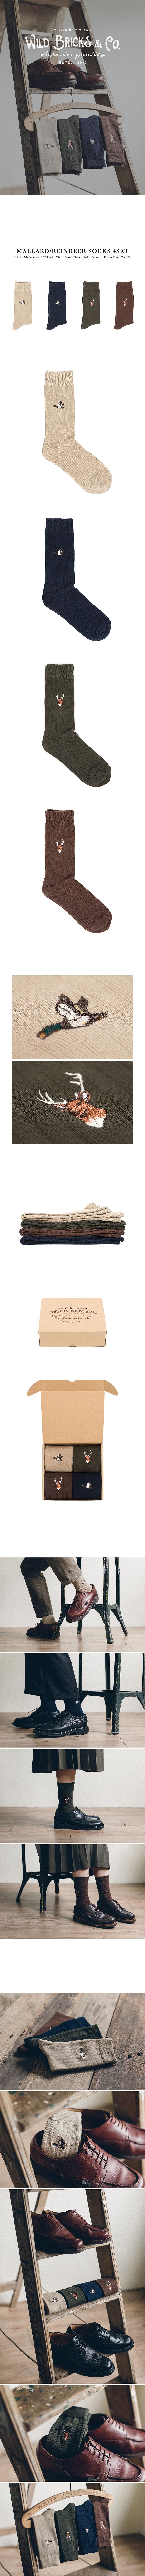 와일드 브릭스(WILD BRICKS) MALLARD/REINDEER SOCKS 4SET (beige/navy/khaki/brown)